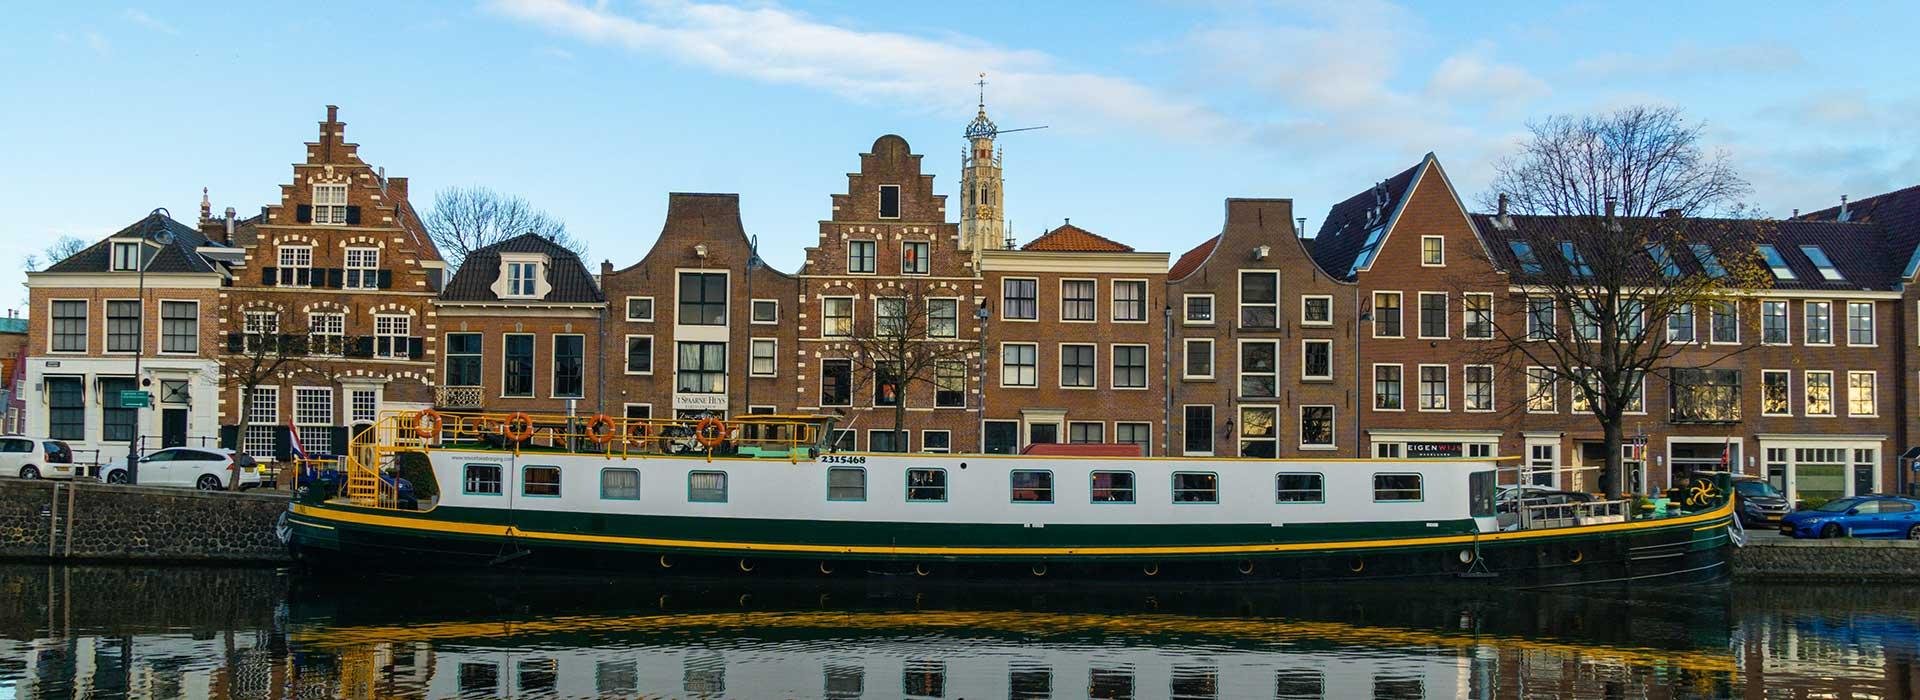 Netherlands Vacation